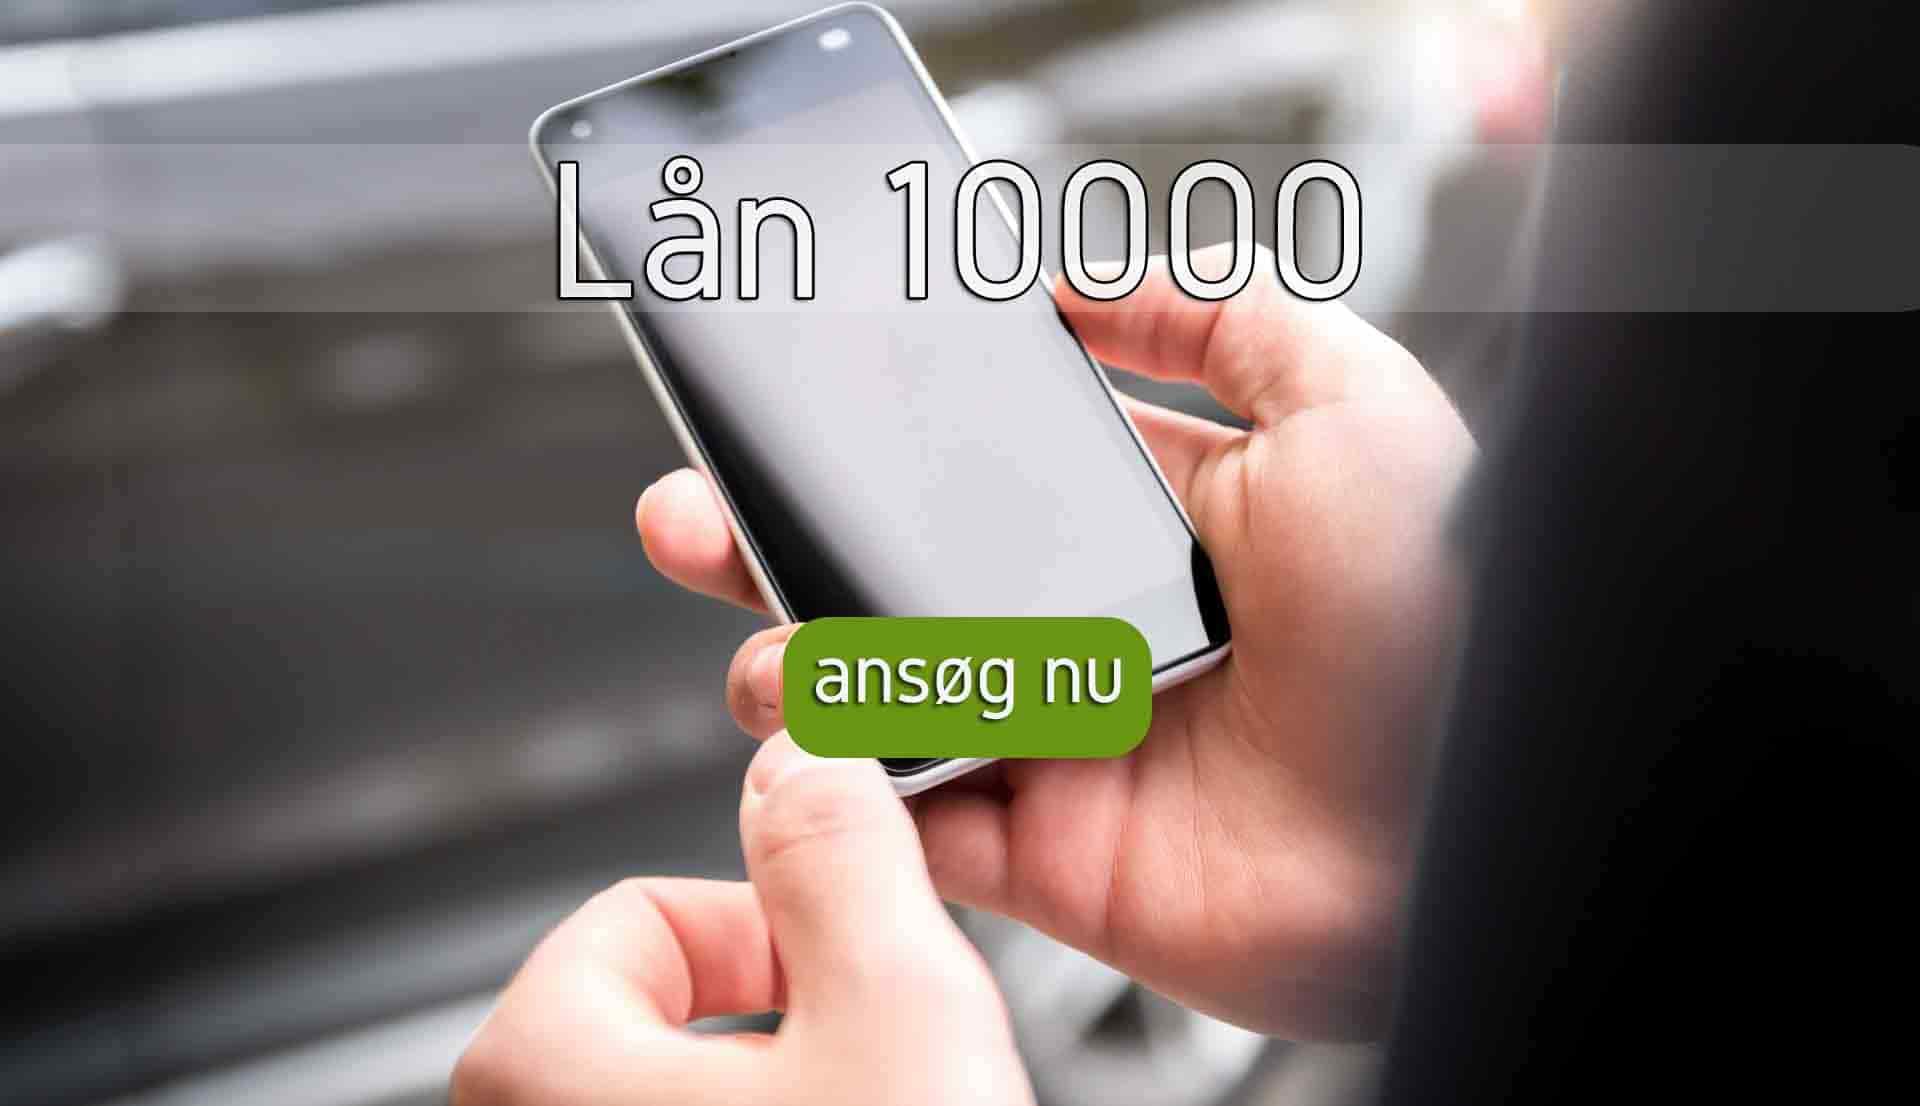 lån 10000 kr